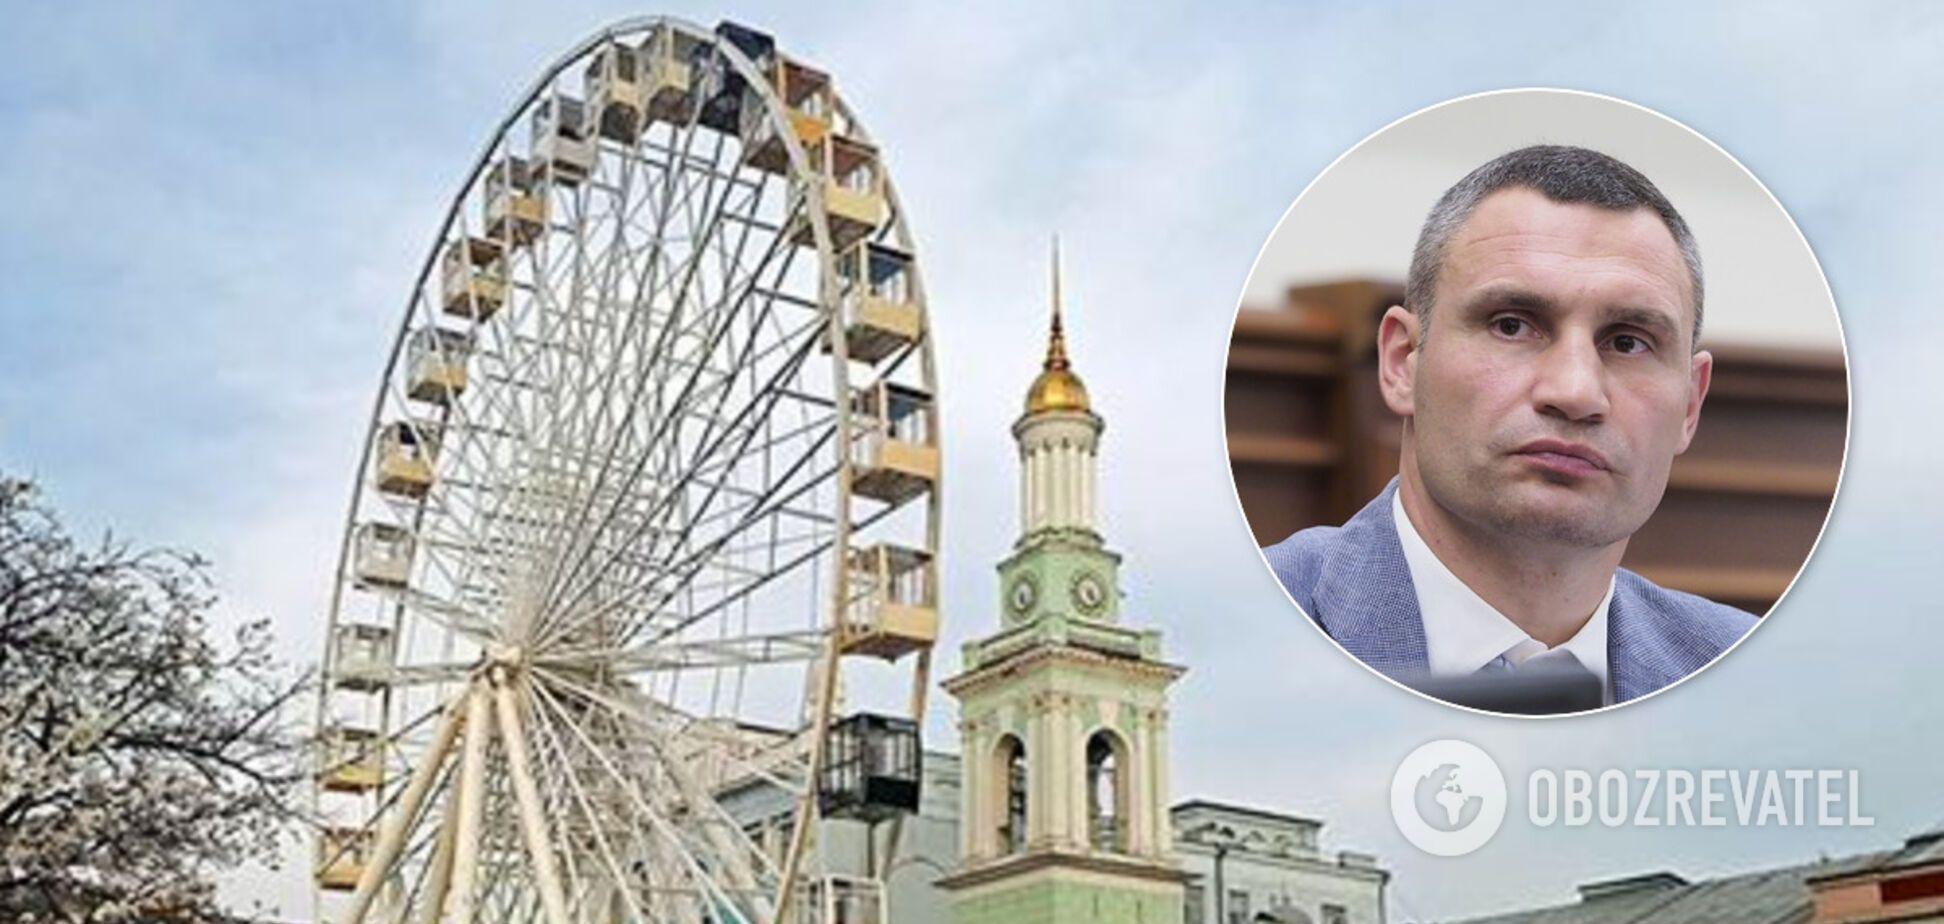 Київ буде відстоювати пішохідну зону на Контрактовій площі та вулиці Сагайдачного – Кличко